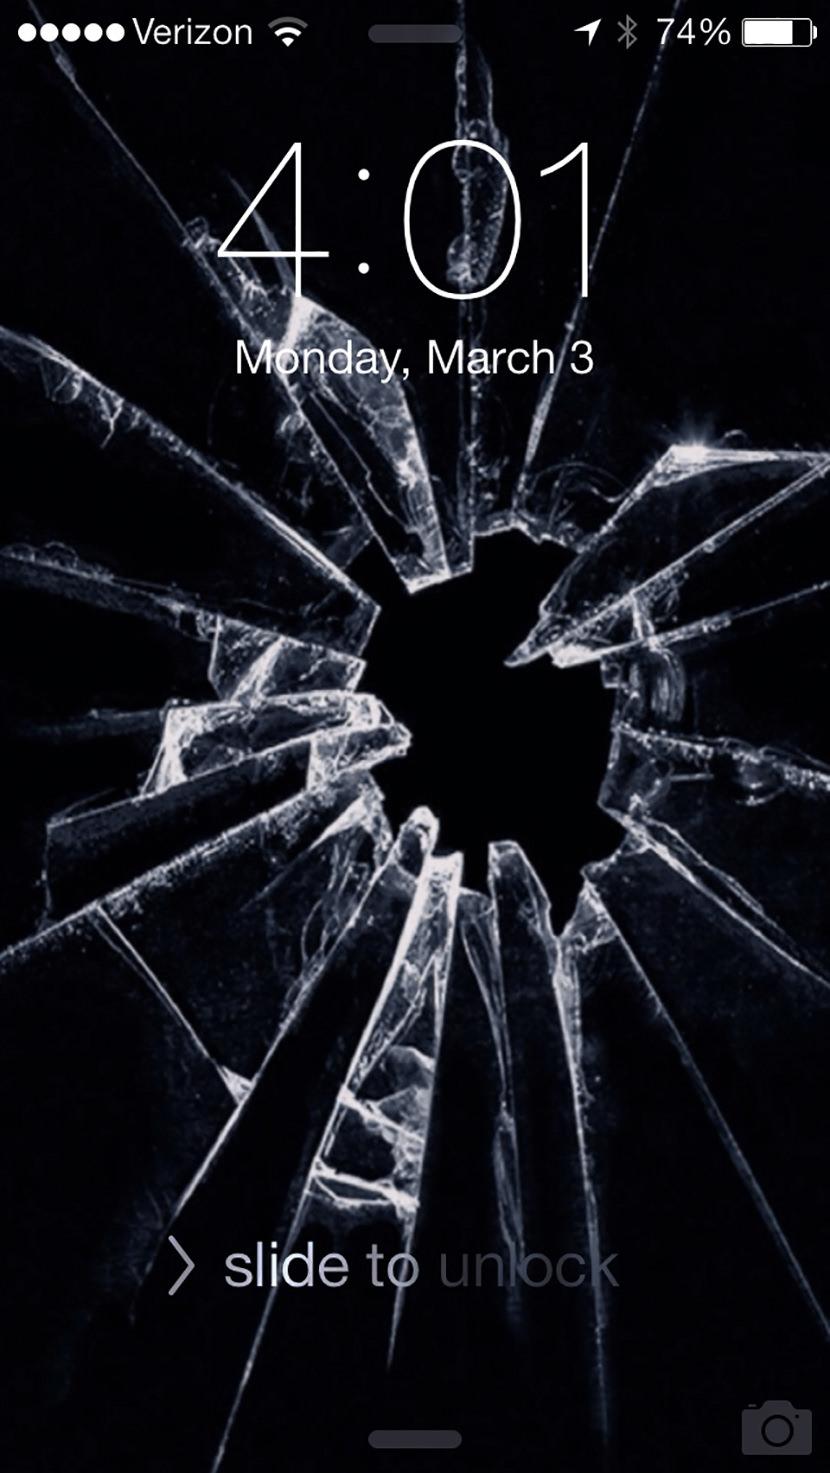 Iphone X Cracked Screen Wallpaper 7 Broken Screen Wallpapers Prank For Apple Iphone